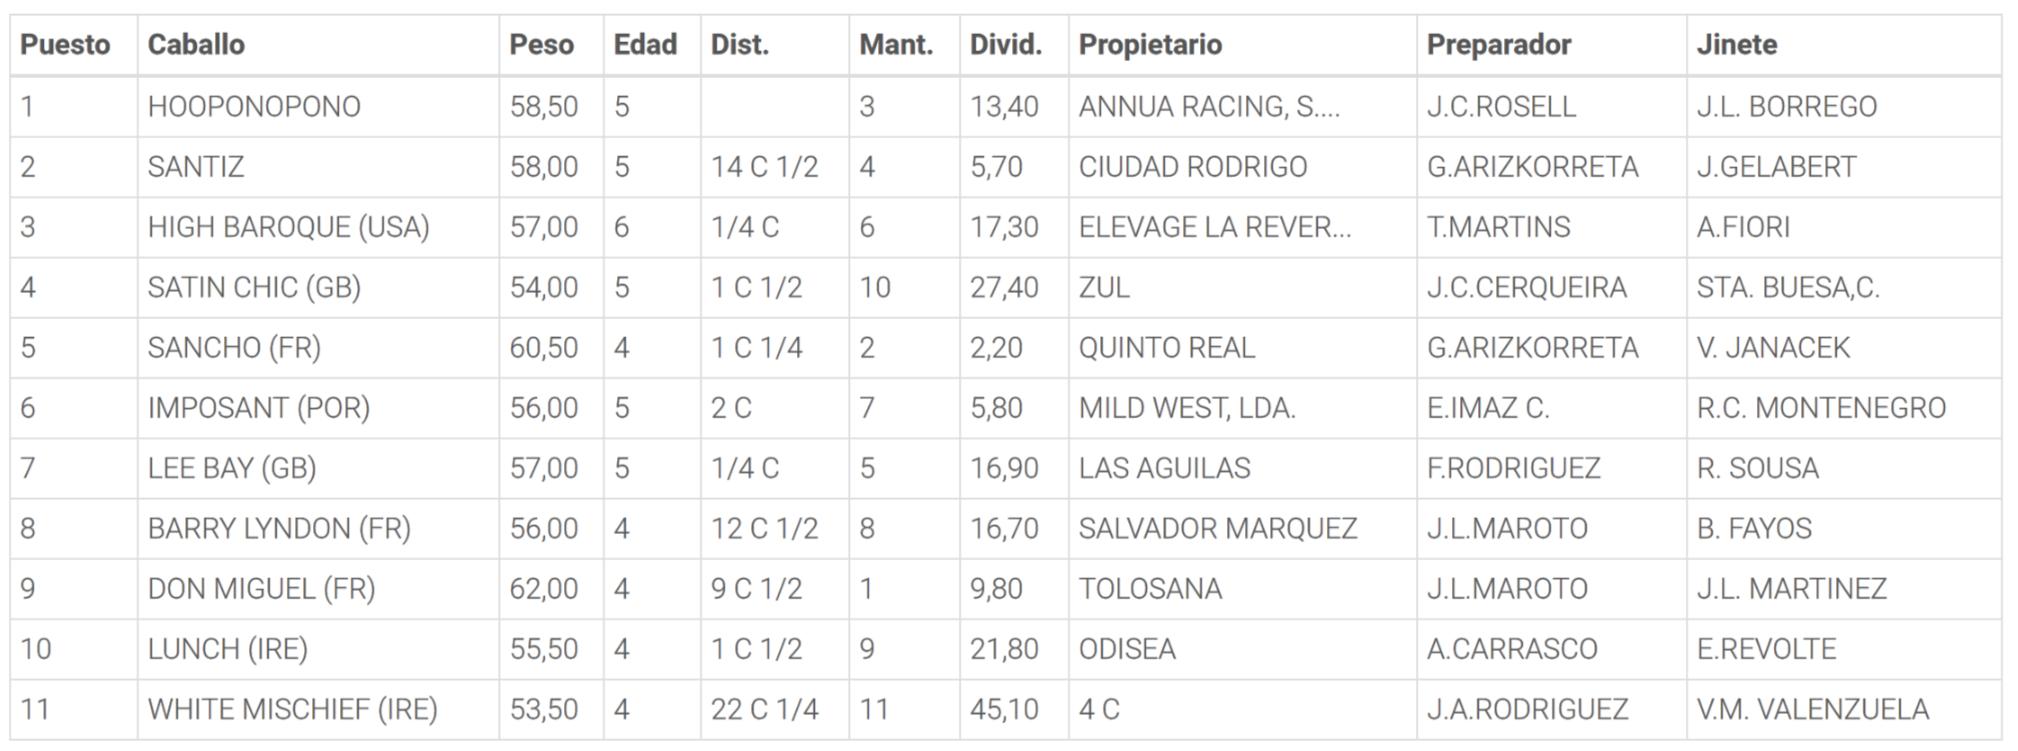 Resultados de la Carrera 4. Hipódromo de la Zarzuela